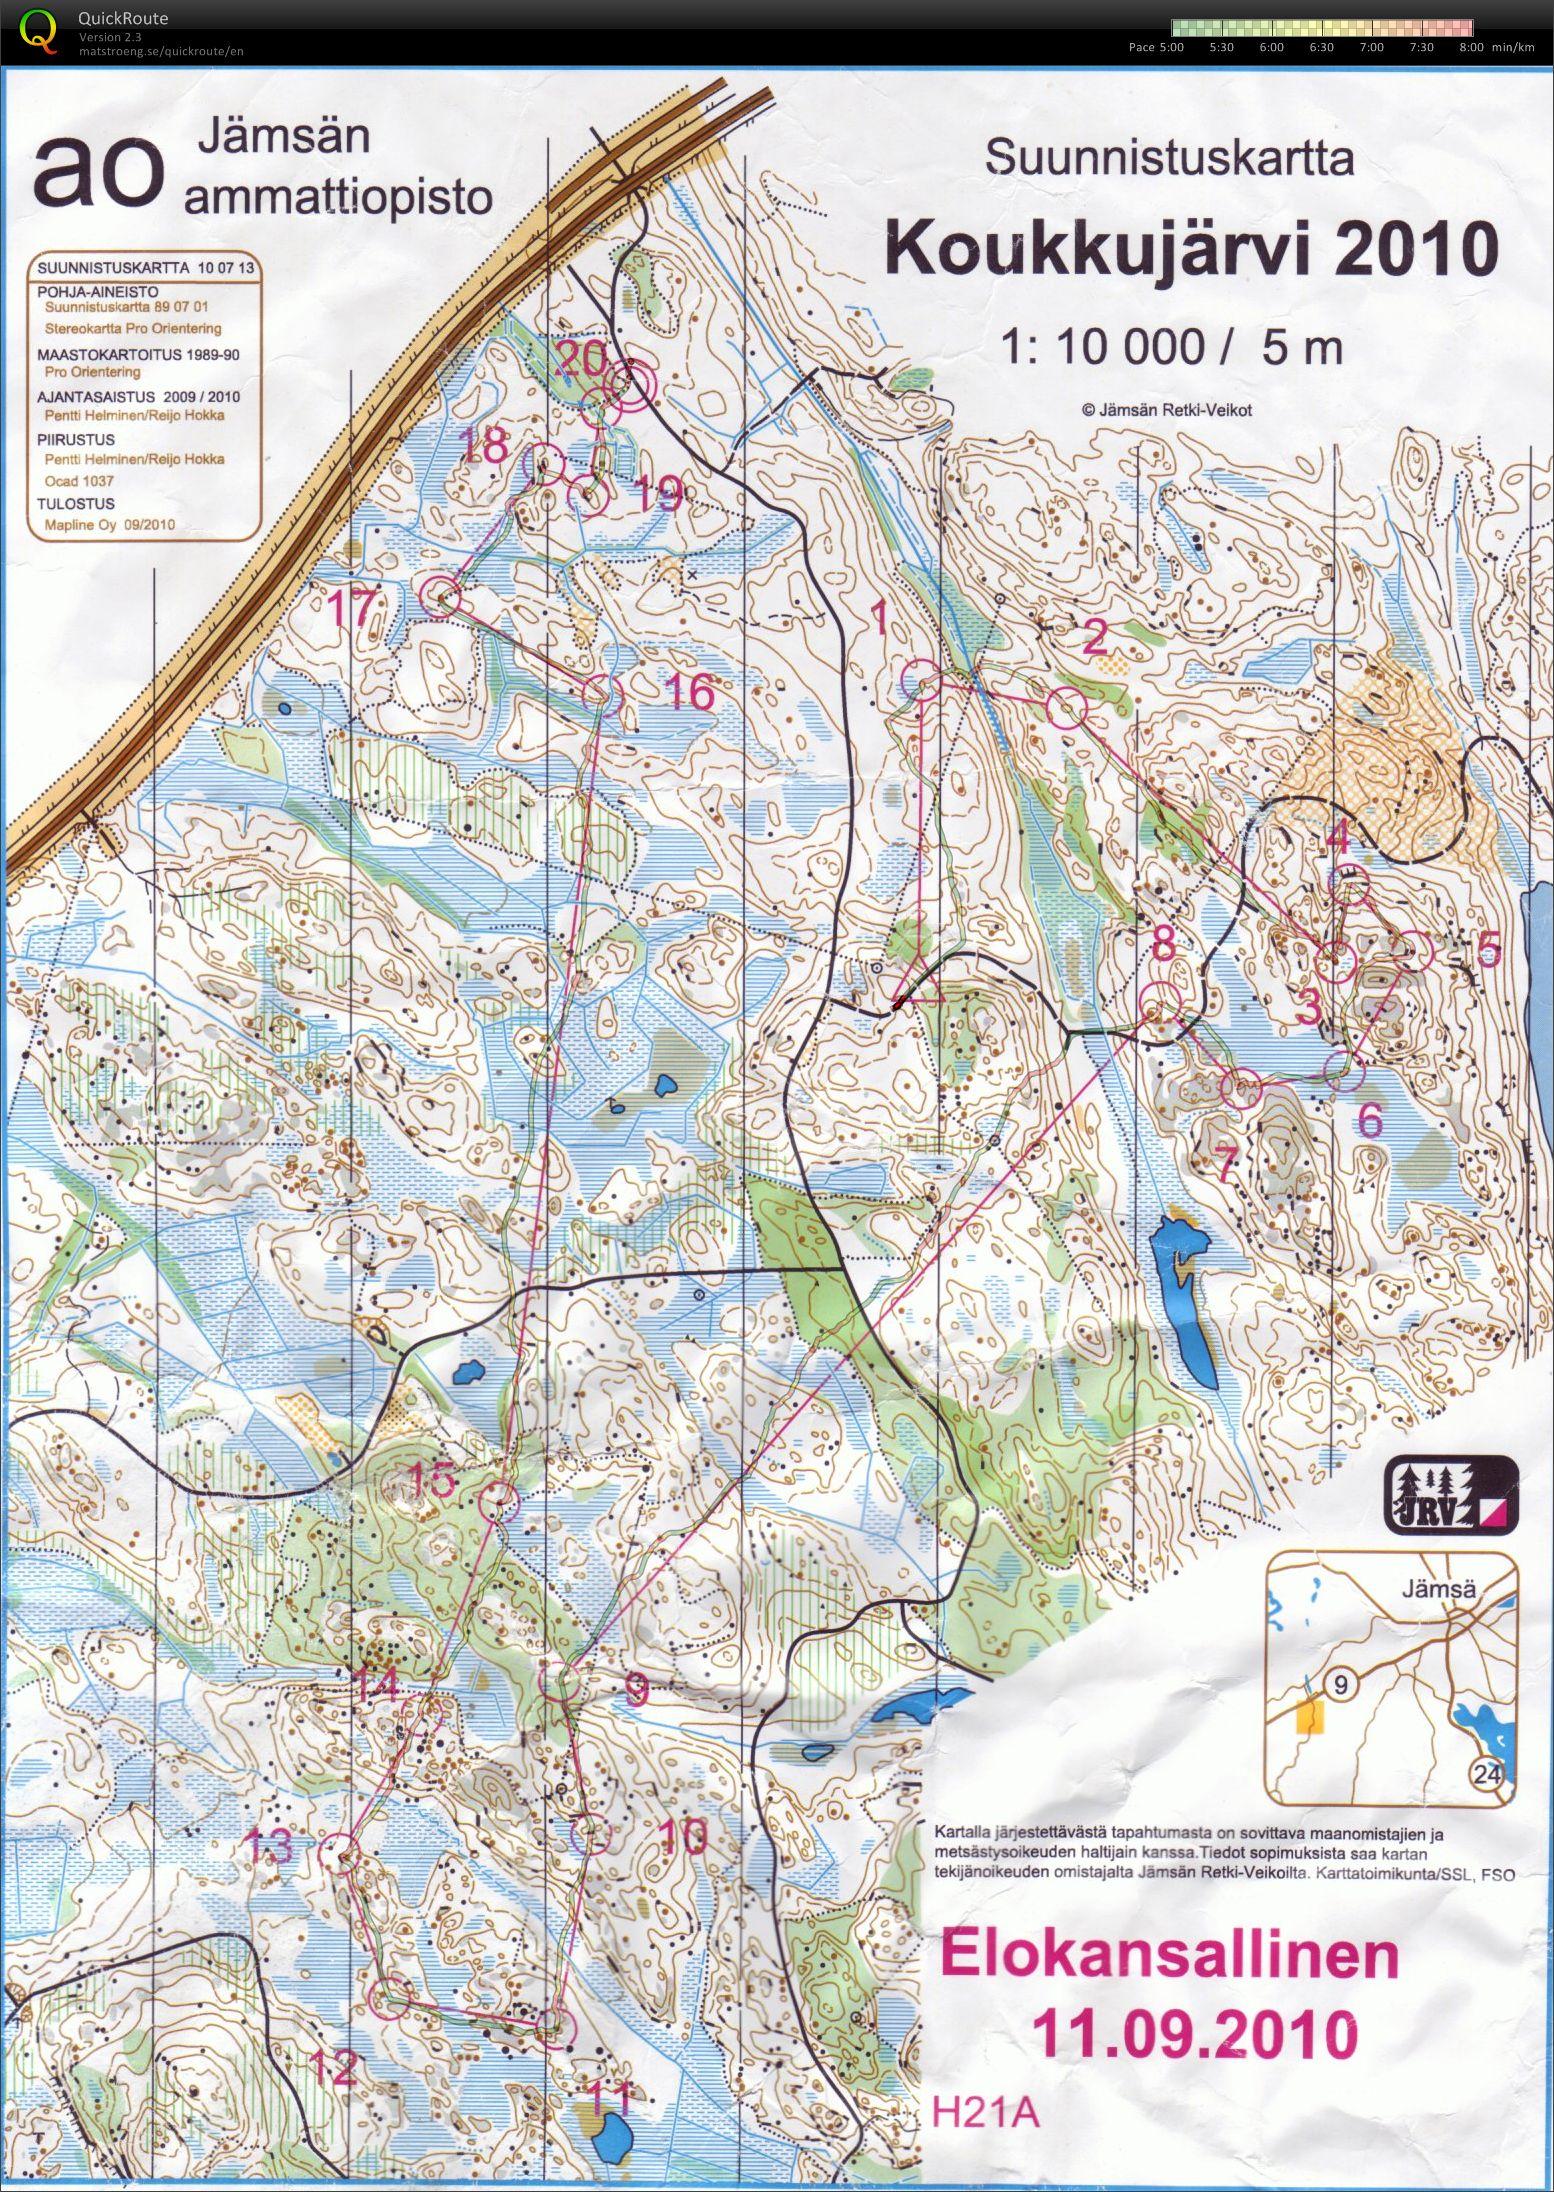 My digital orienteering map archive Elokansallinen 11092010